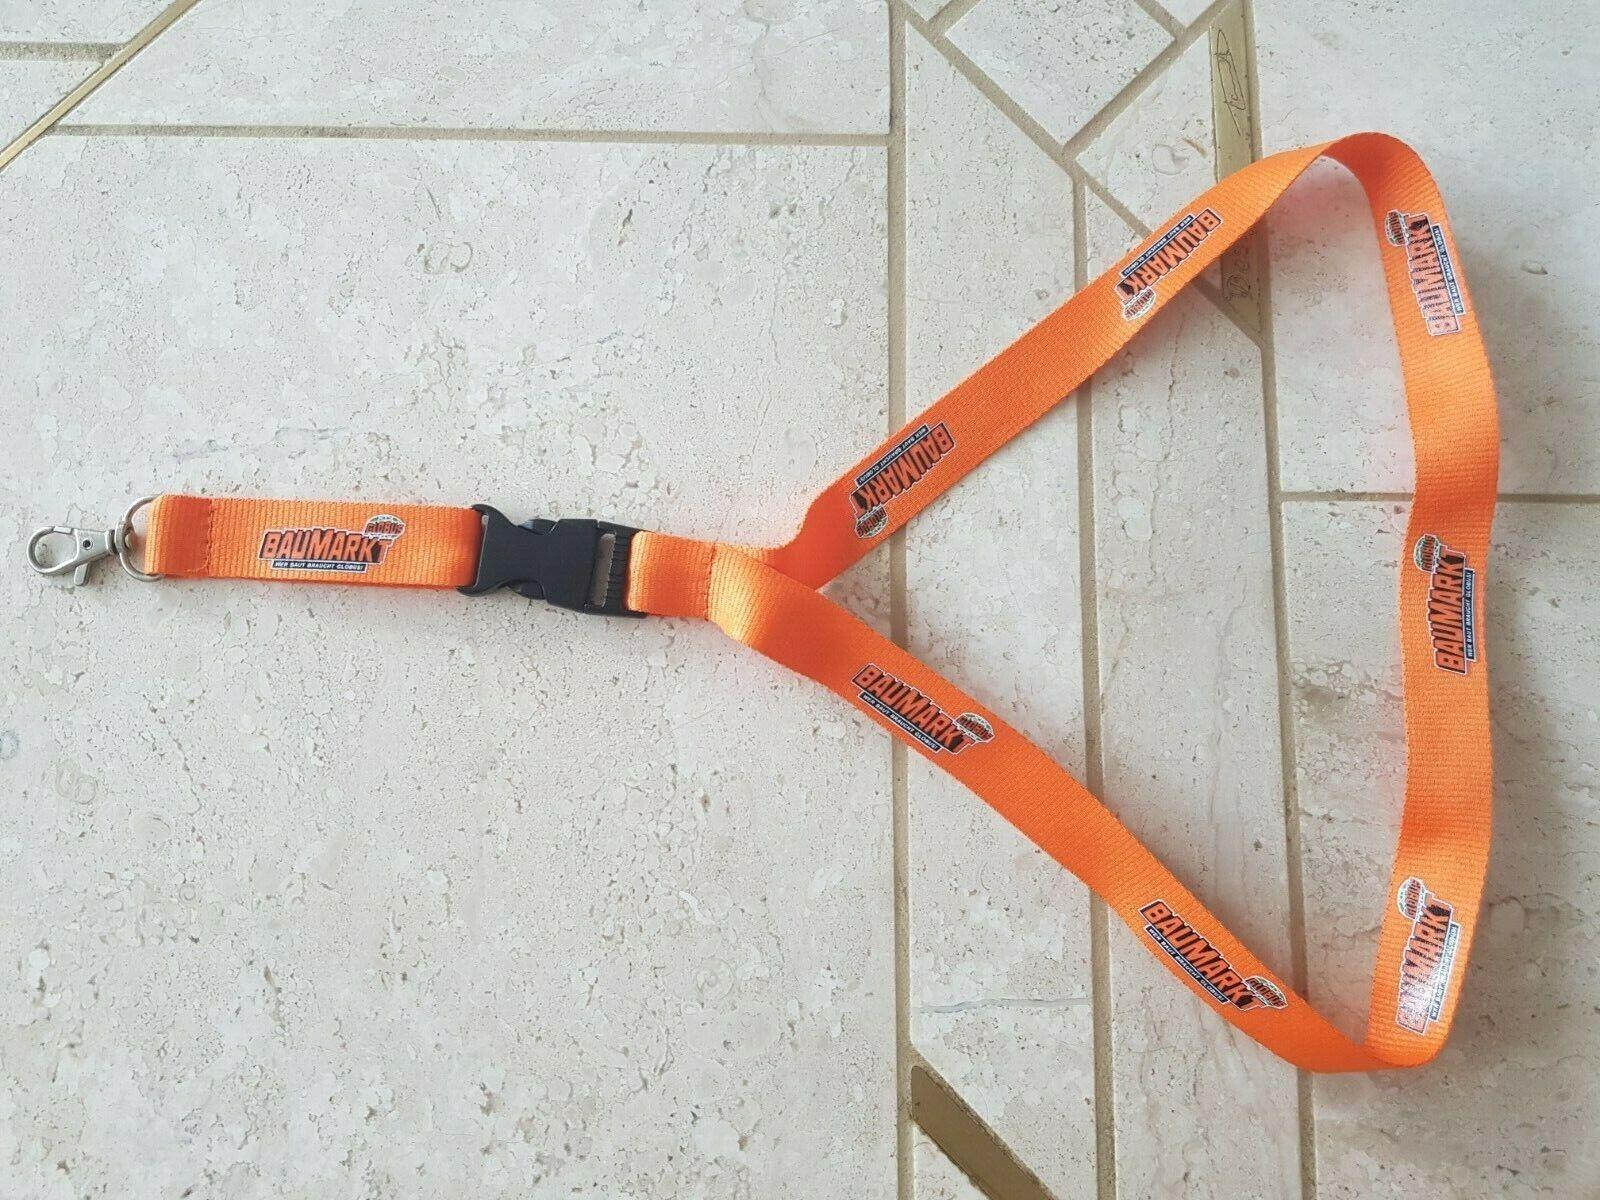 Schlüsselband Keyholder Lanyard * GLOBUS BAUMARKT * orange